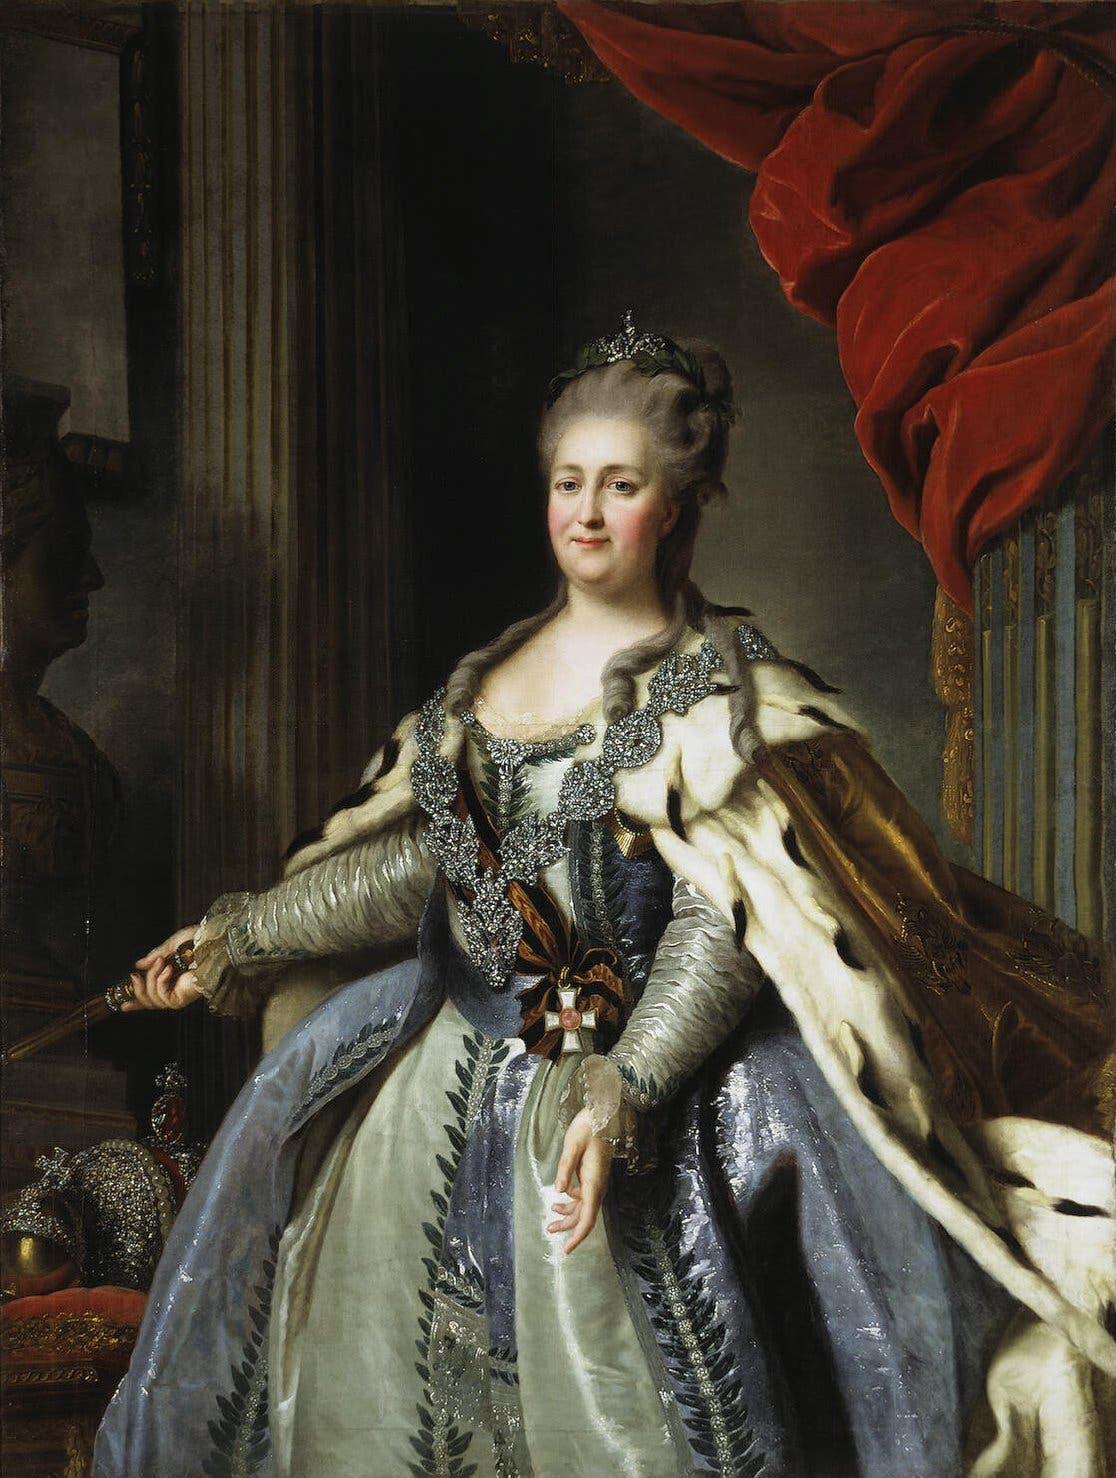 لوحة زيتية تجسد الإمبراطورة كاترين الثانية